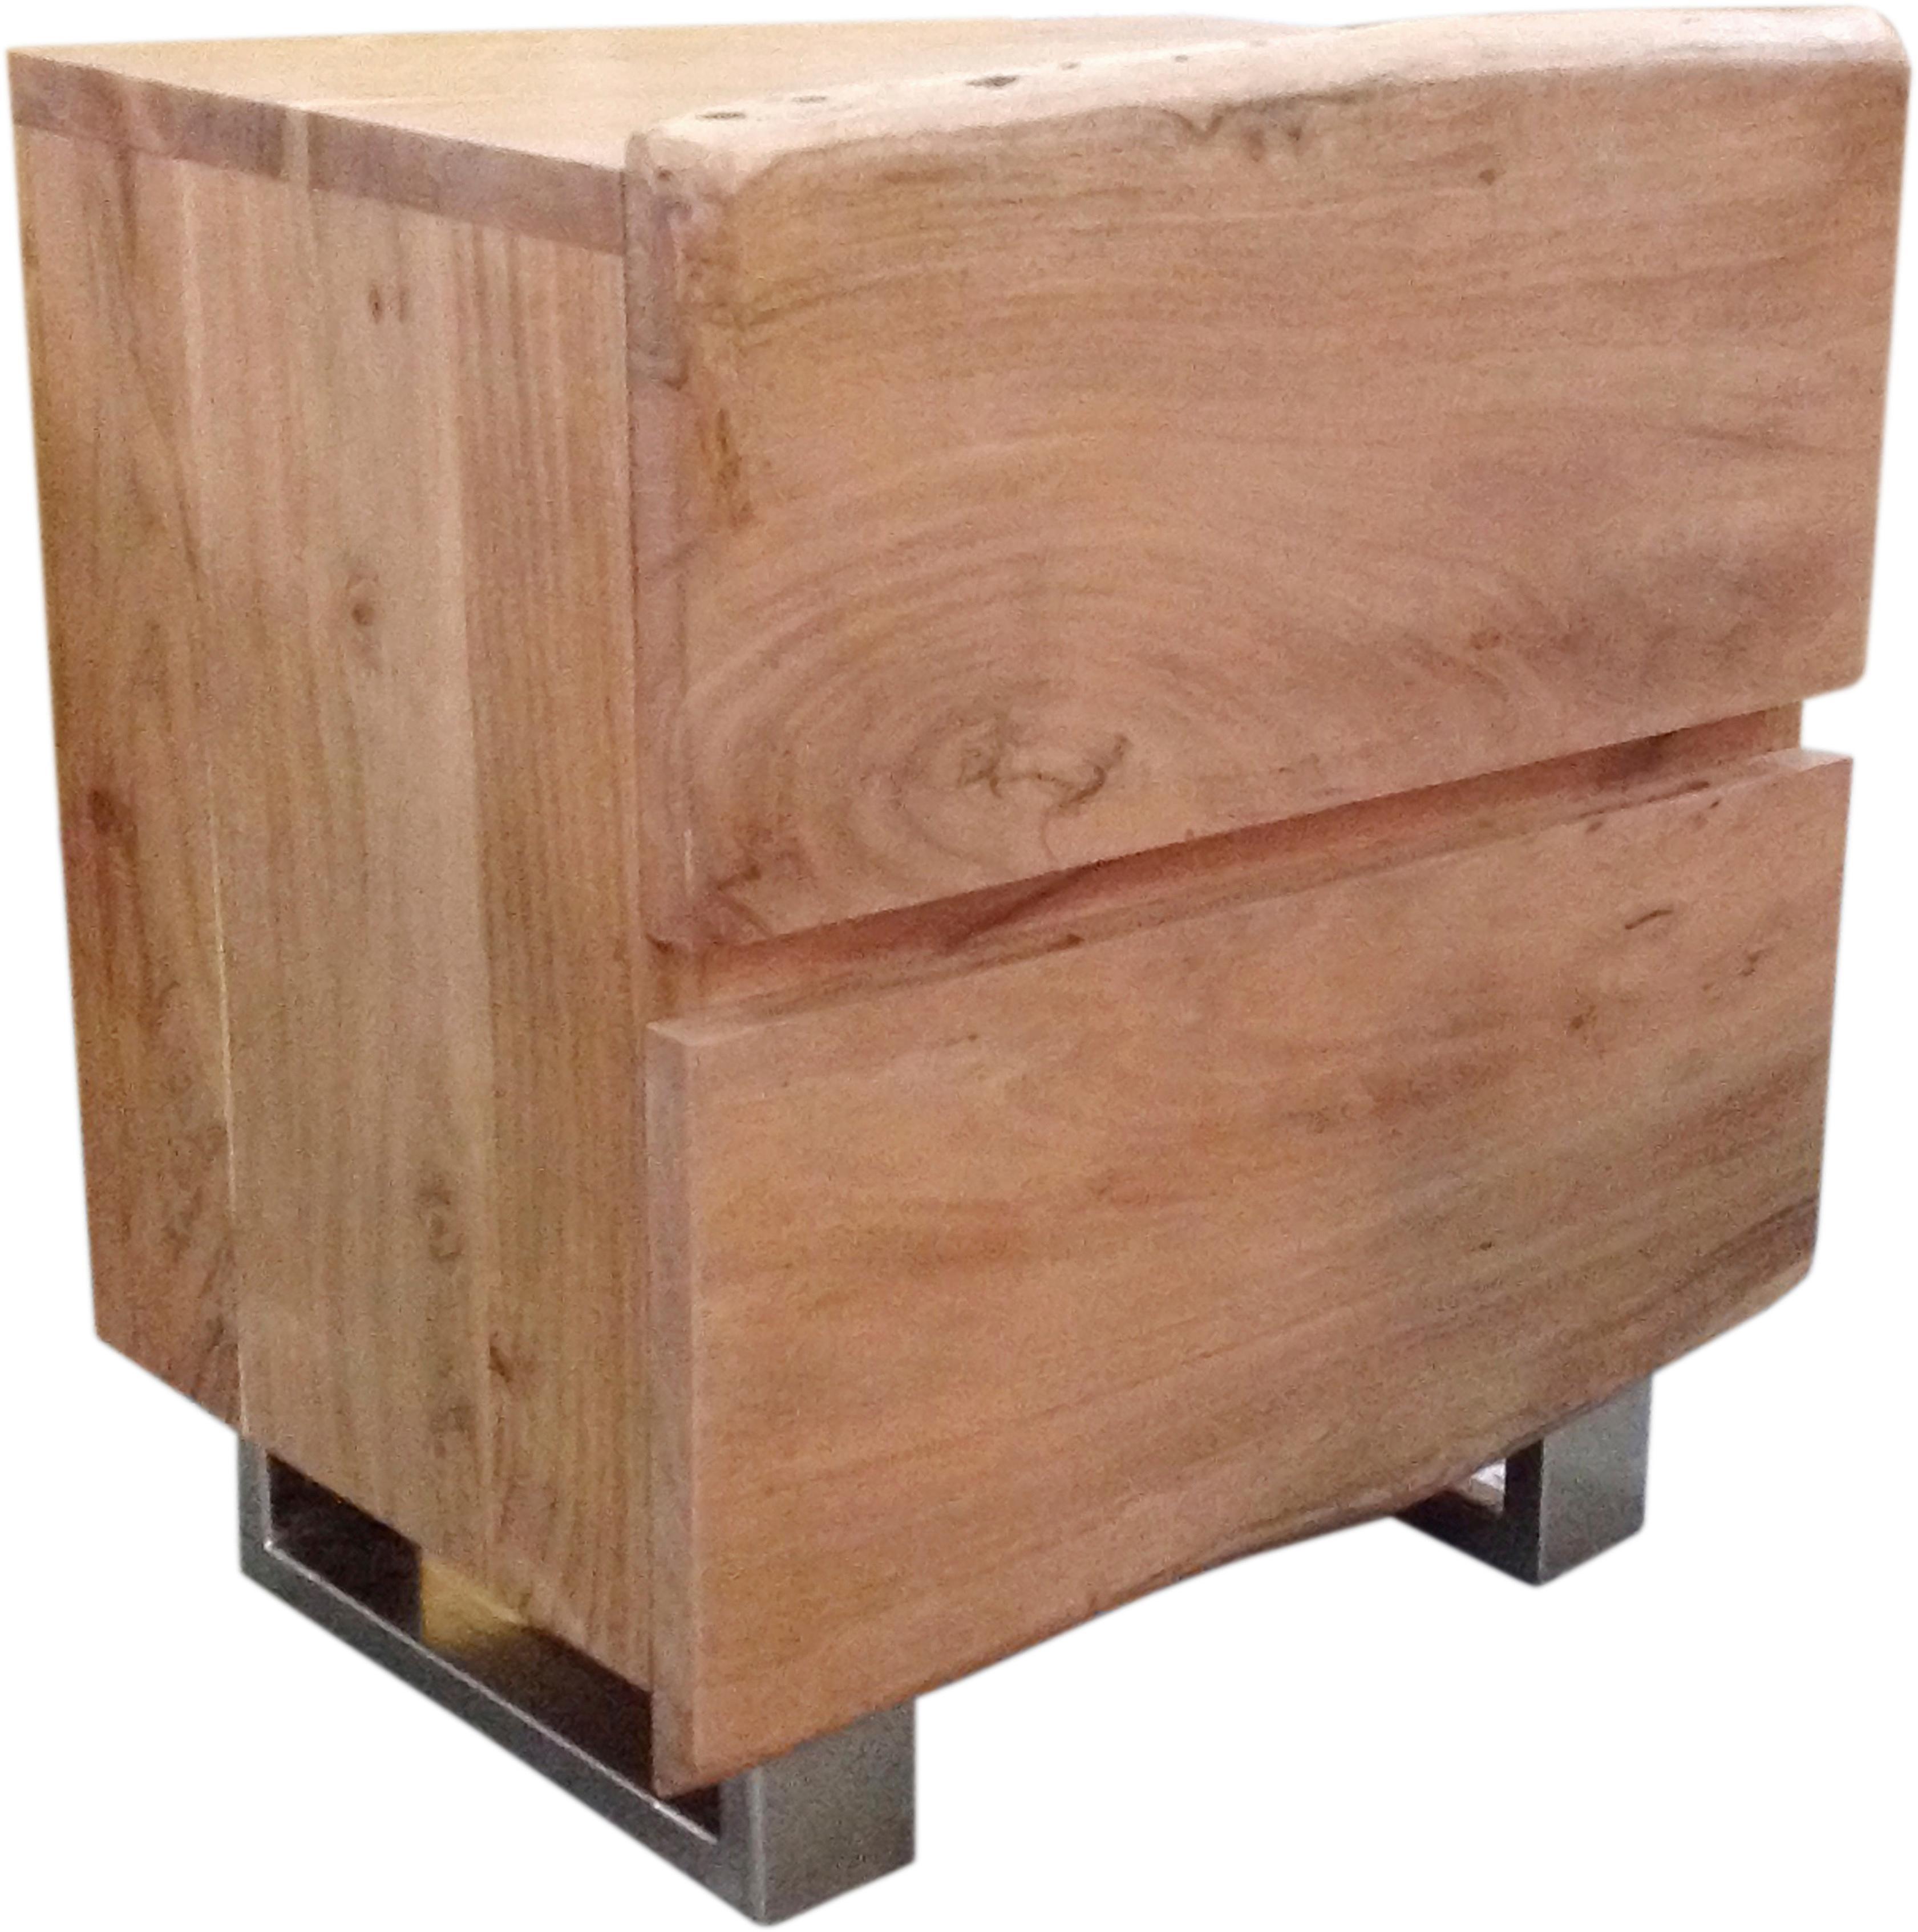 SIT Nachttisch Albero massive Akazie mit Baumkante   Schlafzimmer > Nachttische   Sit